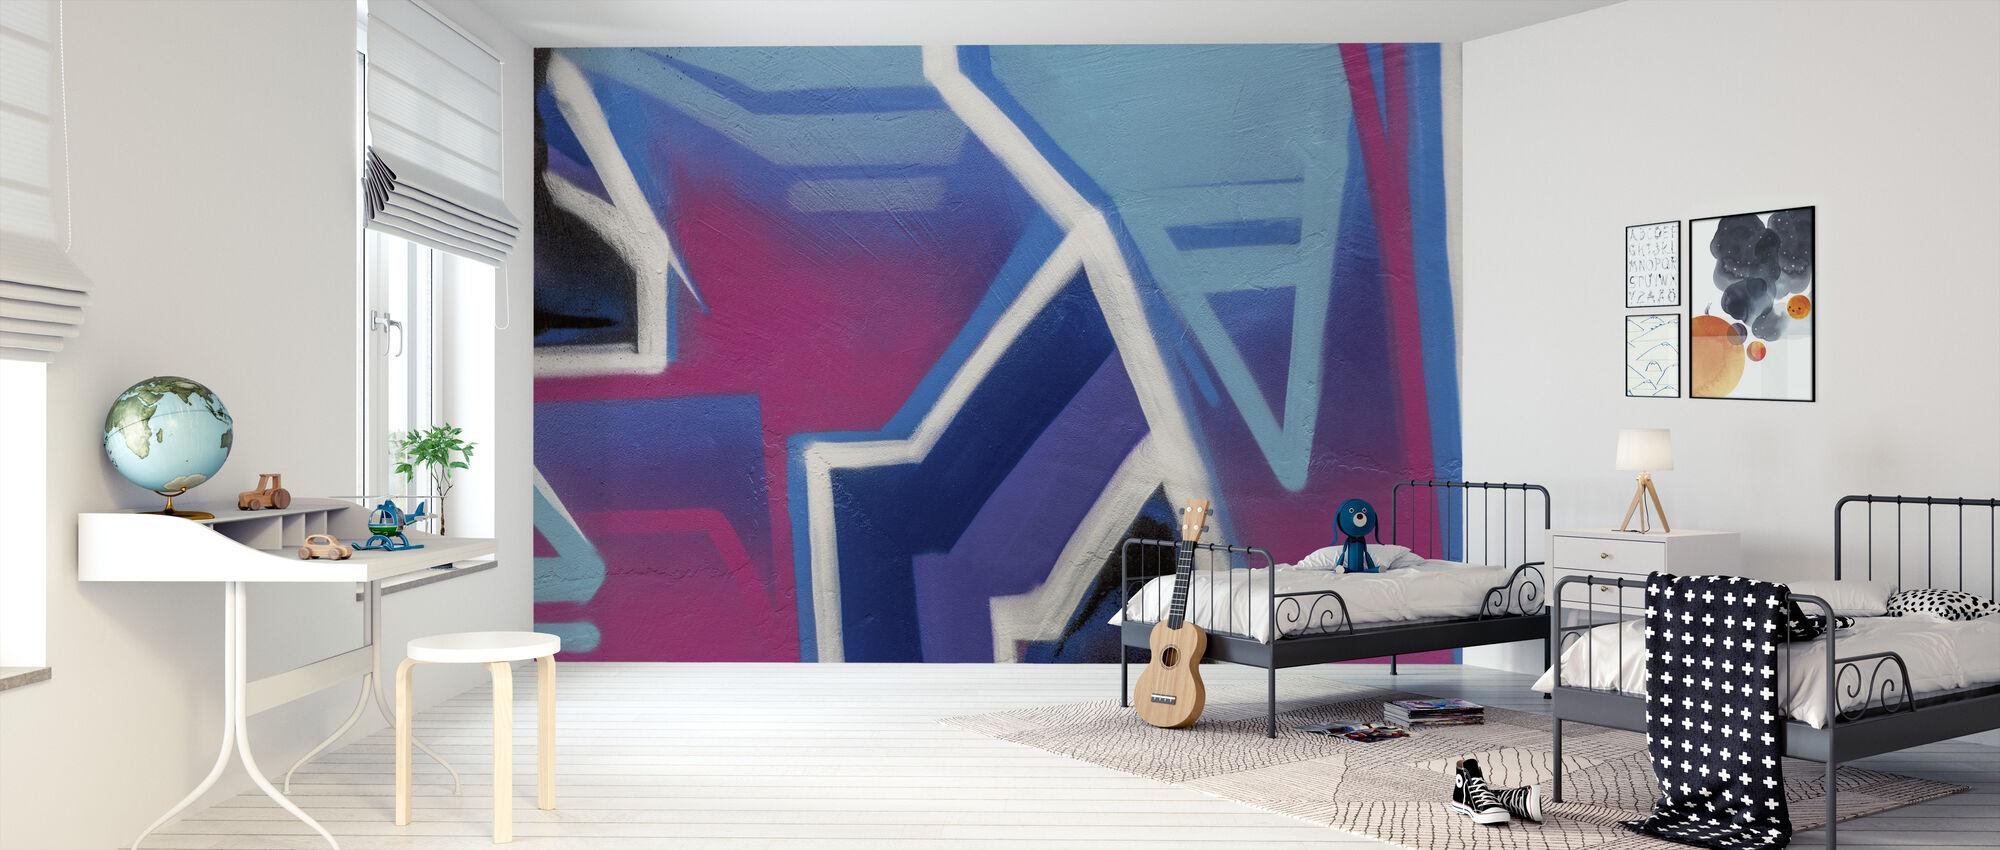 Graffiti Cerise Brillante - Papel pintado - Cuarto de niños